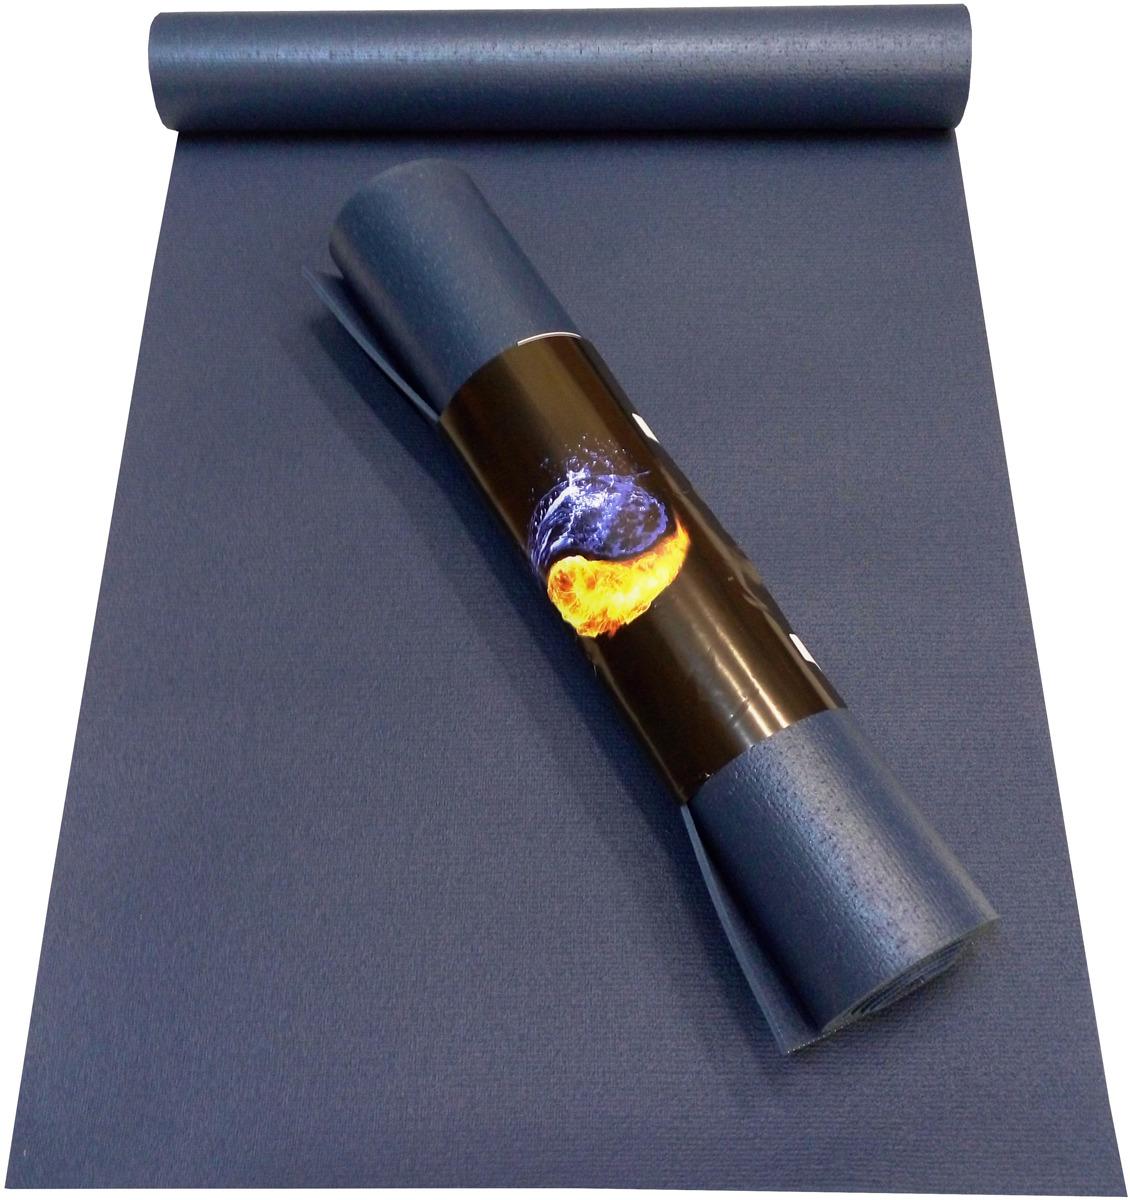 Коврик для йоги Ako-Yoga Yin-Yang Studio, цвет: синий, 220 х 80 см цена 2017